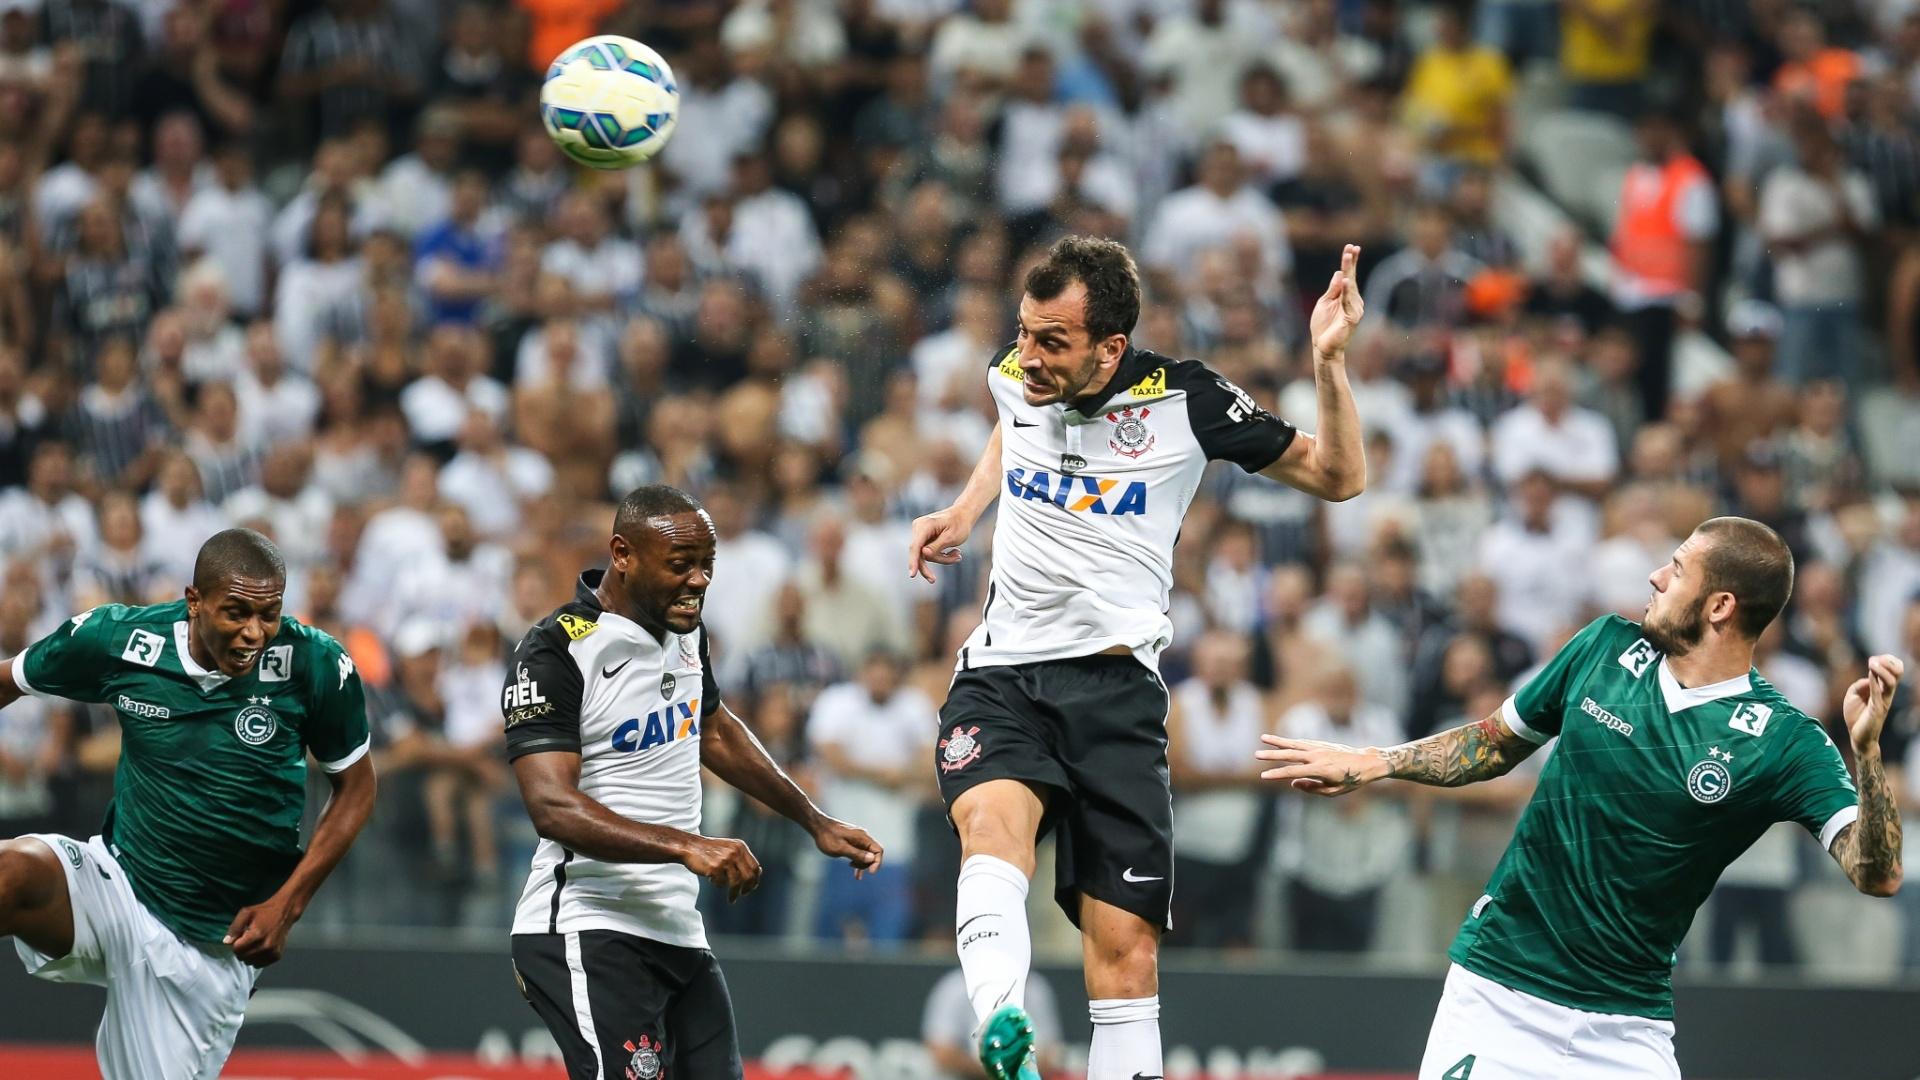 Edu Dracena Marca o primeiro gol do Corinthians na partida contra o Goiás pela 30ª rodada do Campeonato Brasileiro